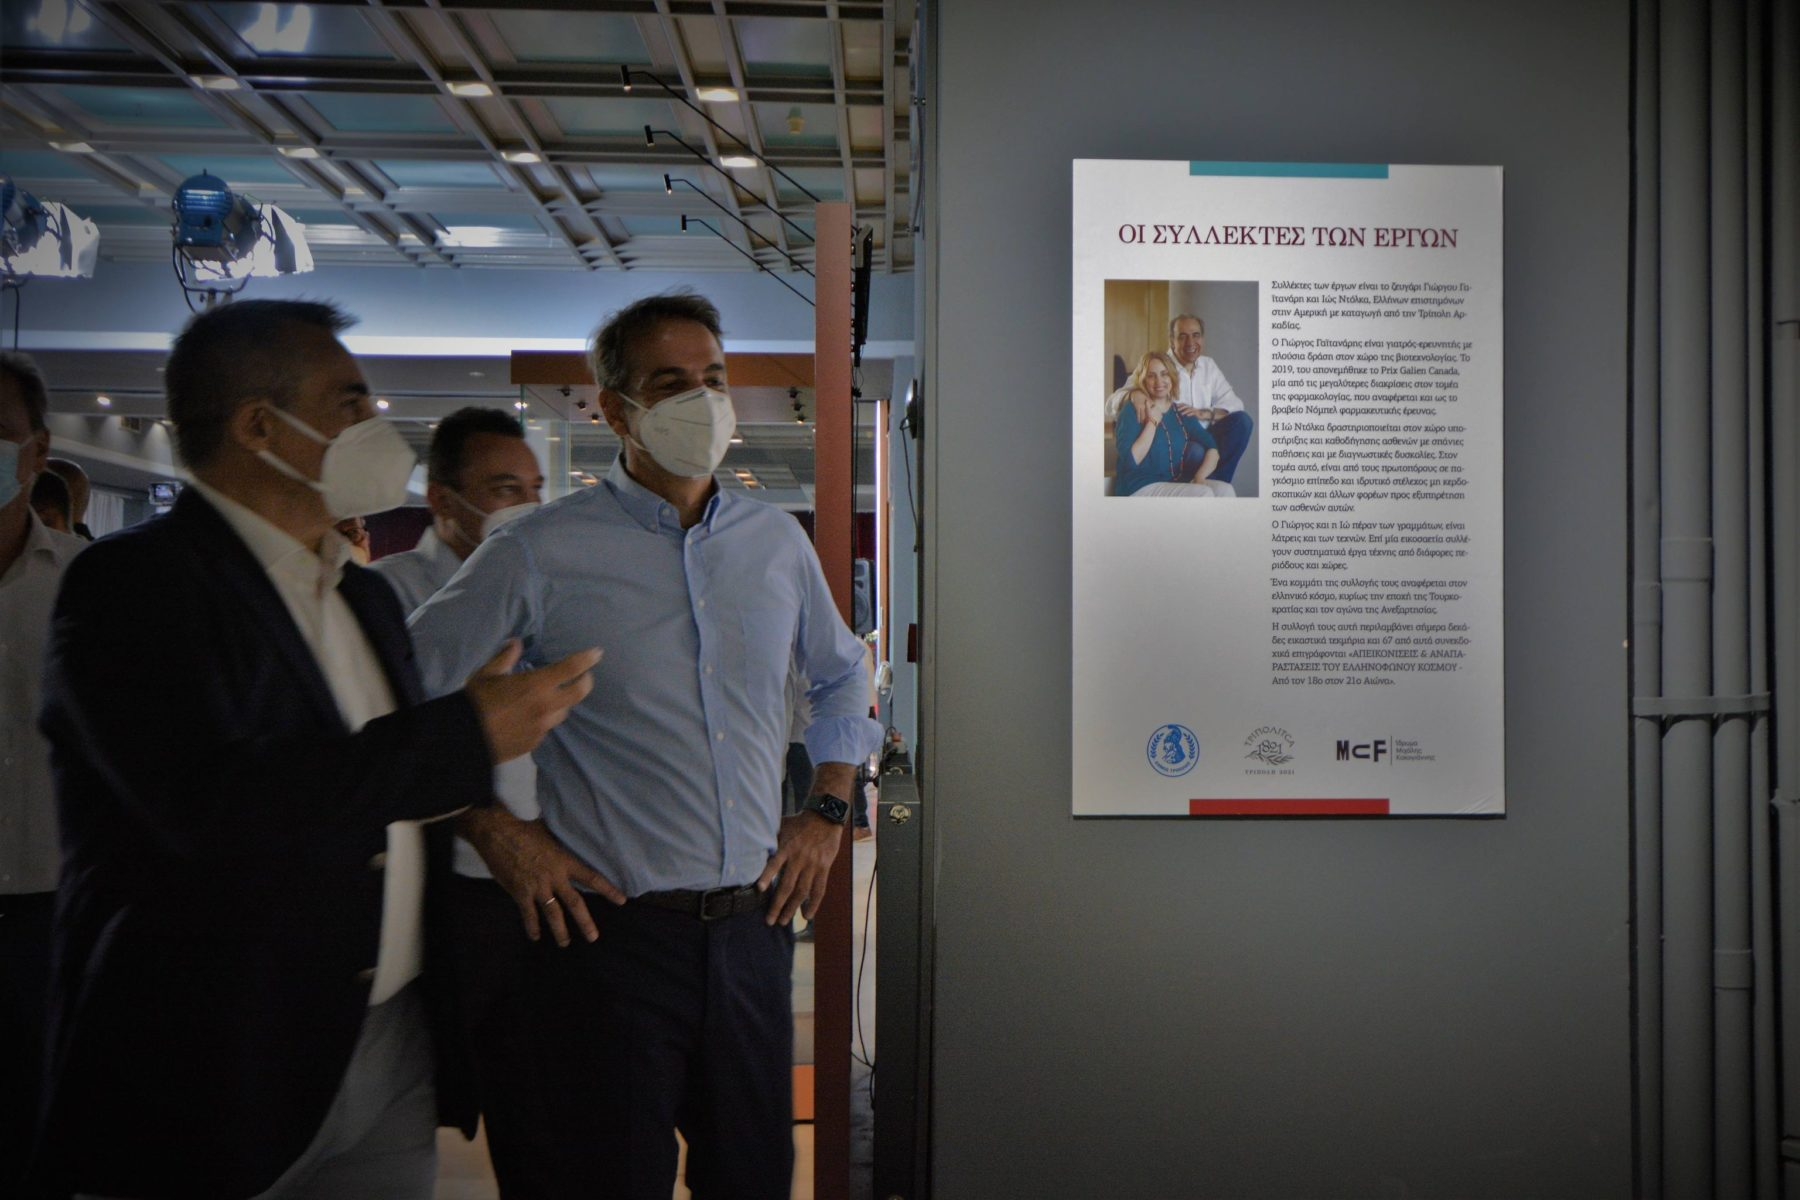 Ο Πρωθυπουργός Κυριάκος Μητσοτάκης επισκέφθηκε την έκθεση «Απεικονίσεις και Αναπαραστάσεις του ελληνόφωνου κόσμου»